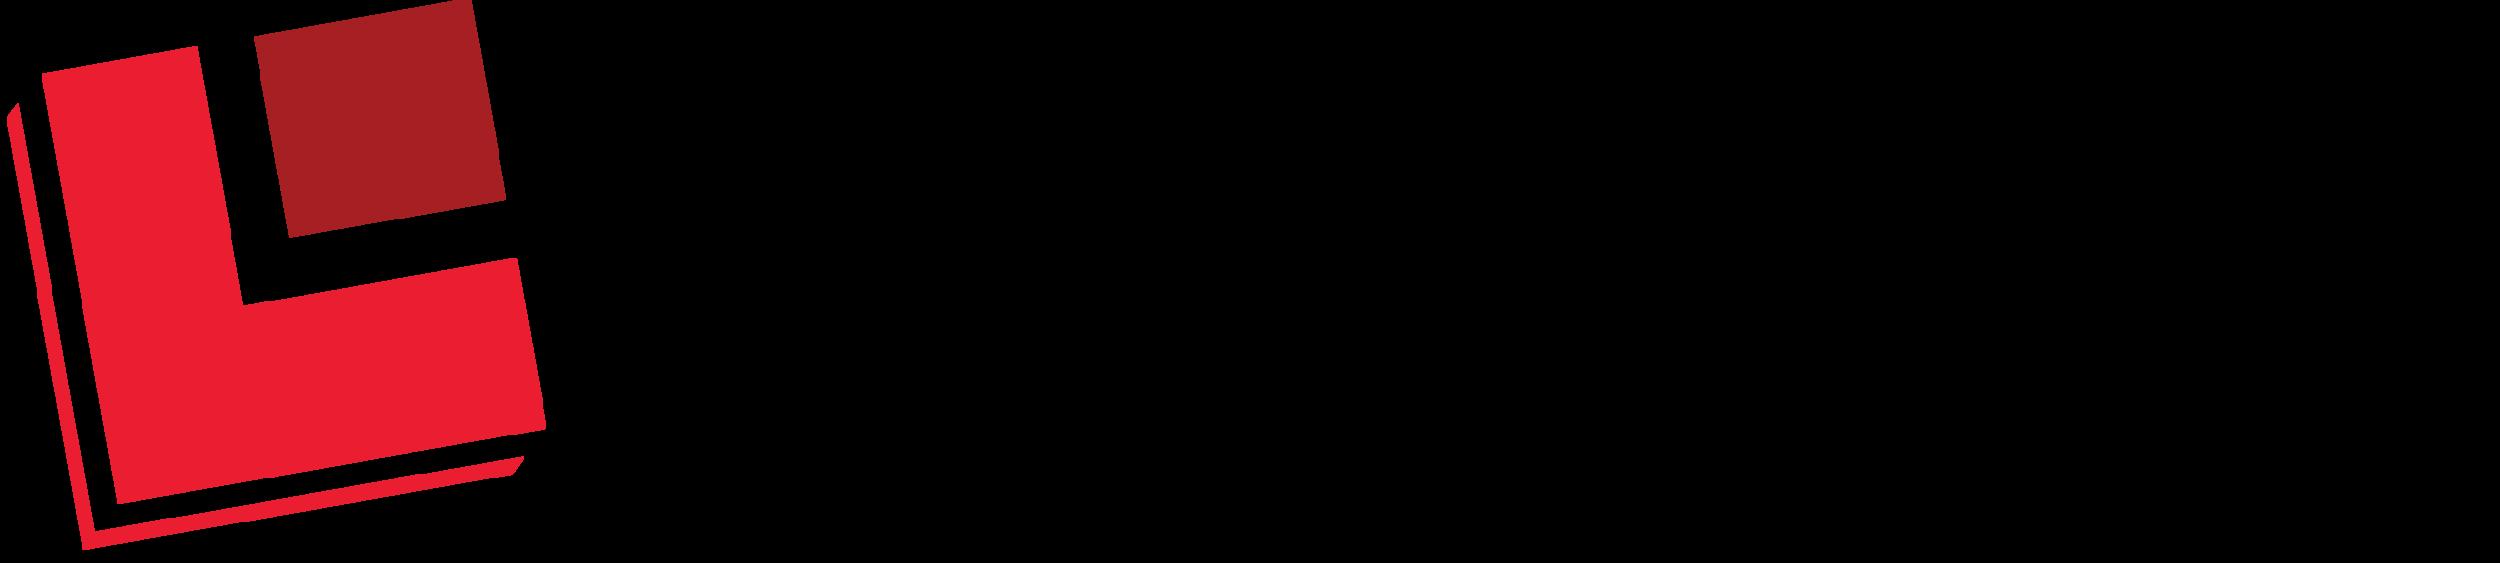 CommonLook_Logo@4x-8.png